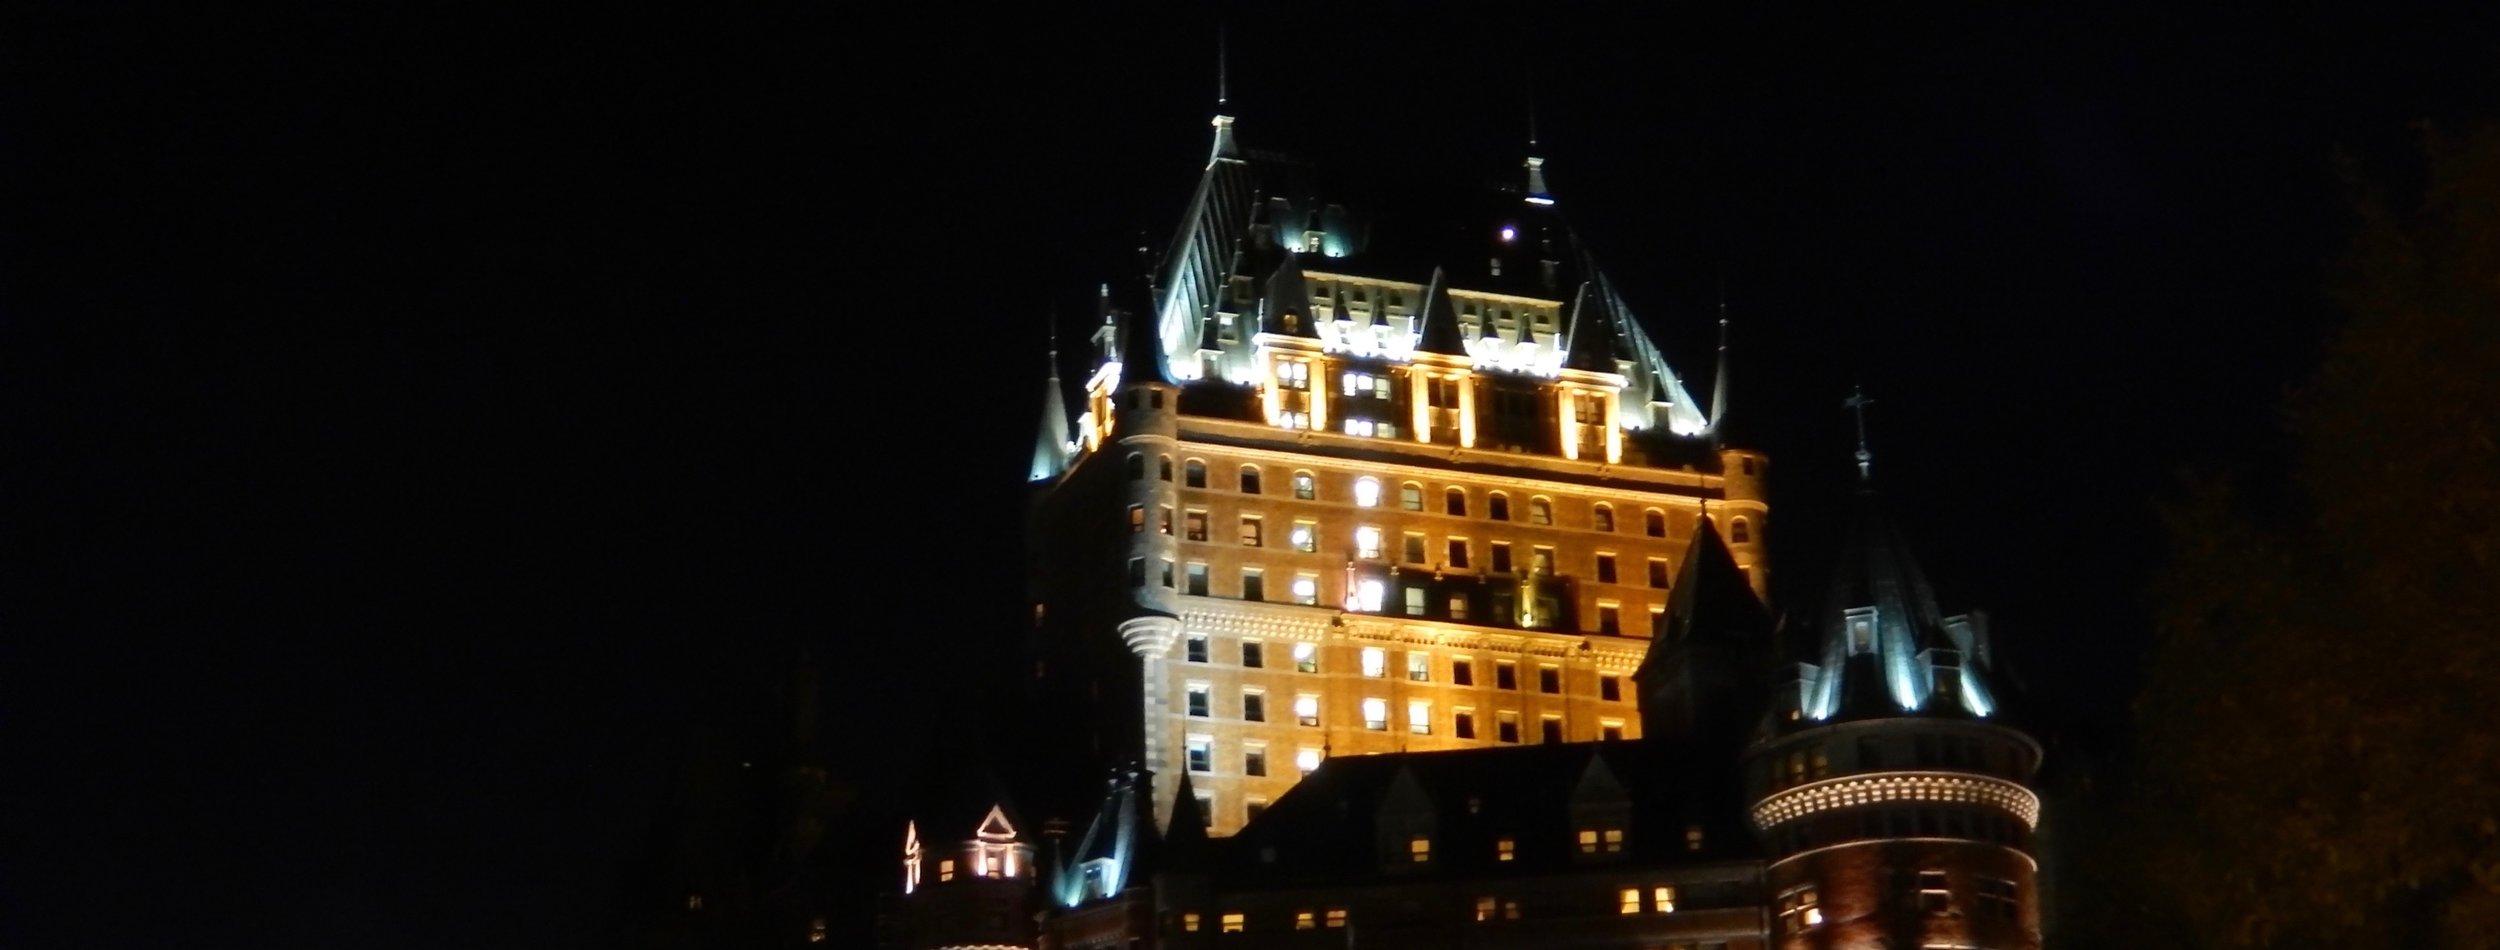 chateau-fairmont-quebec.jpg